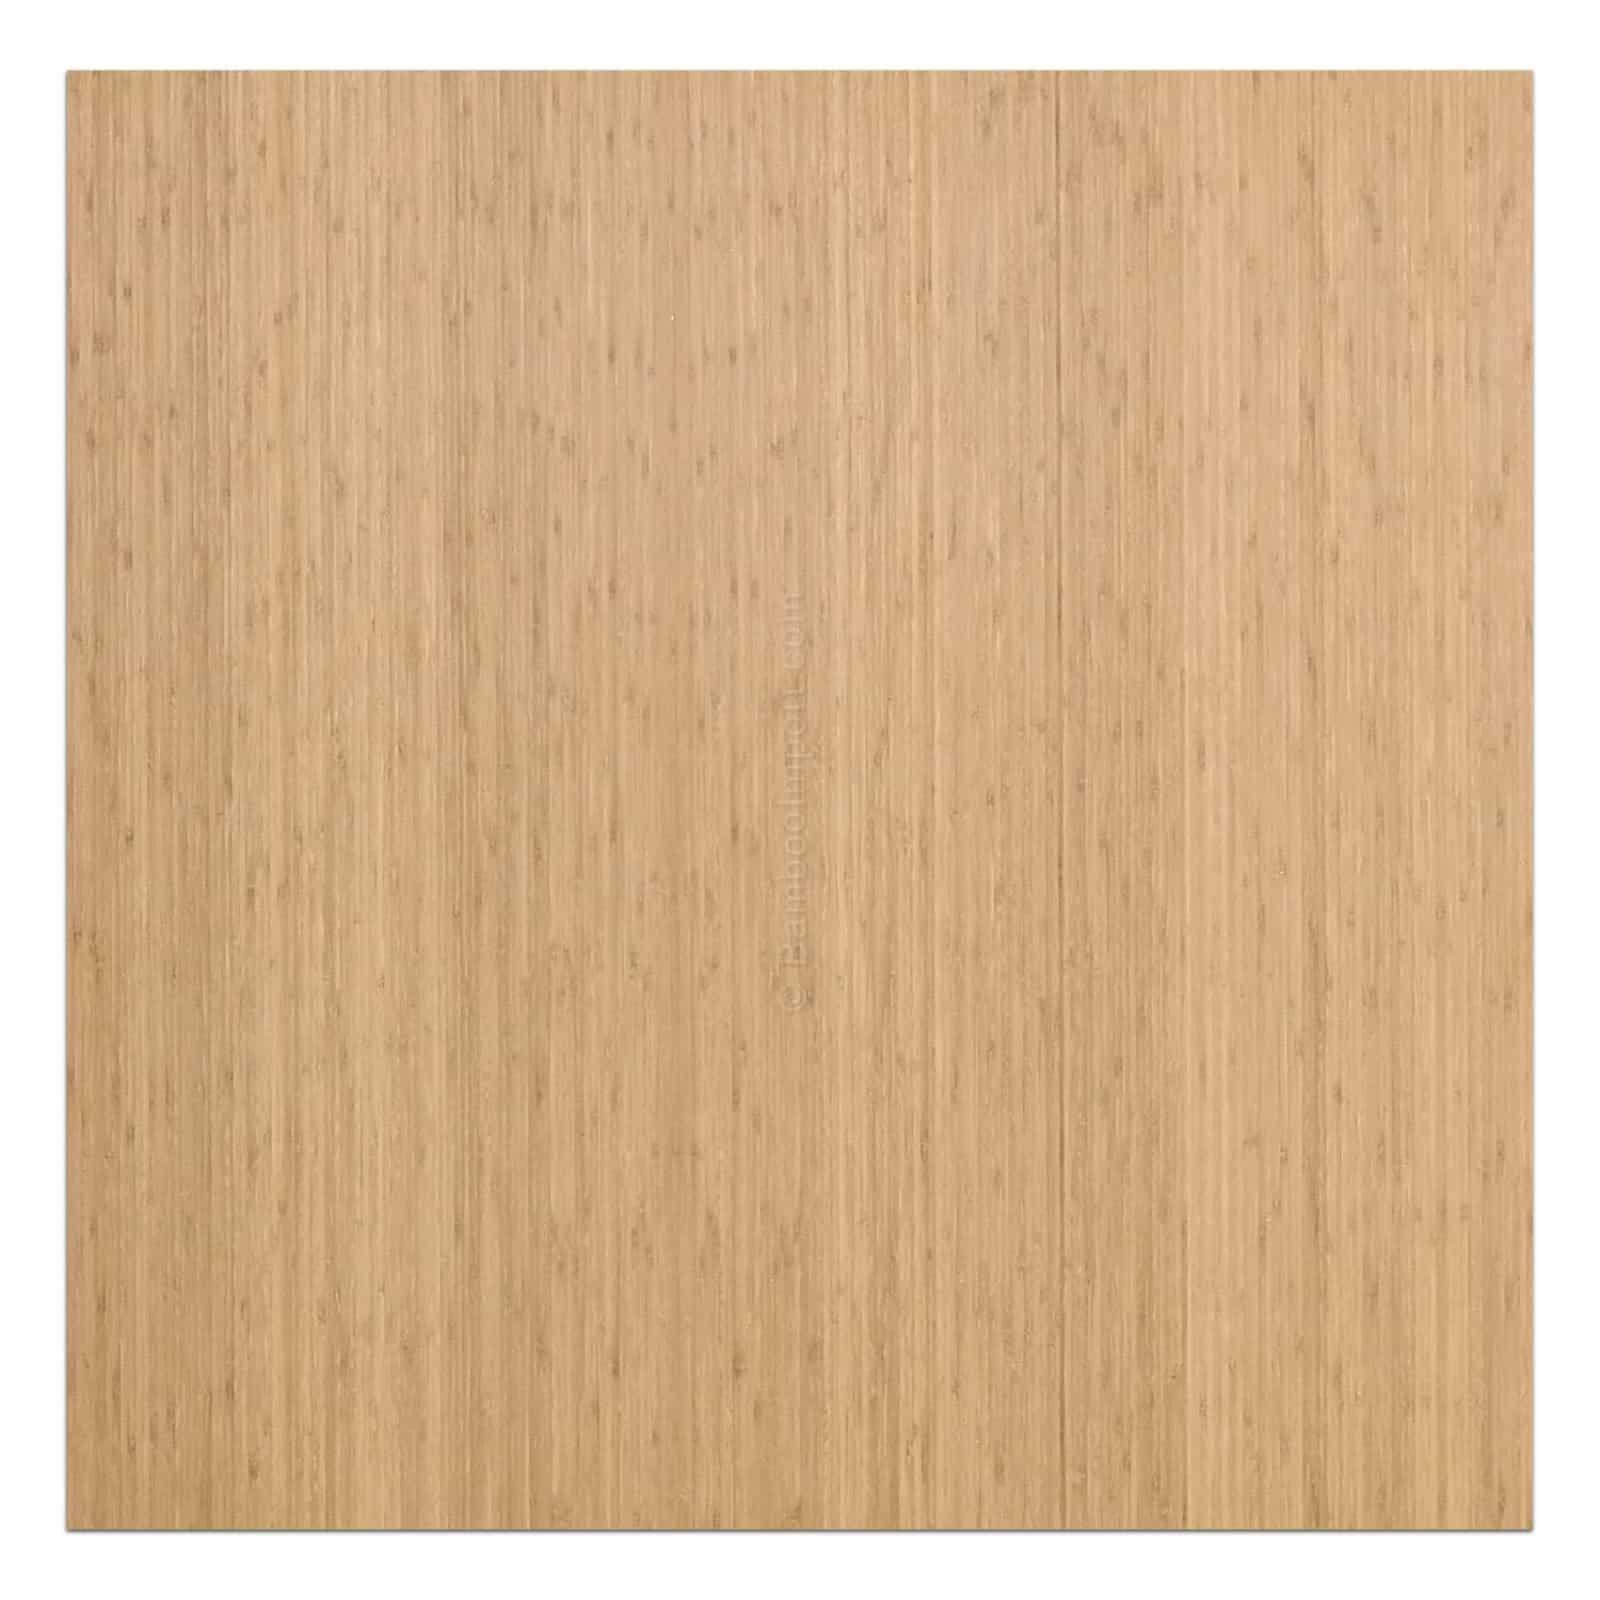 Bamboe plaat caramel 3 laags verticaal geperst 1215x1220x30 mm